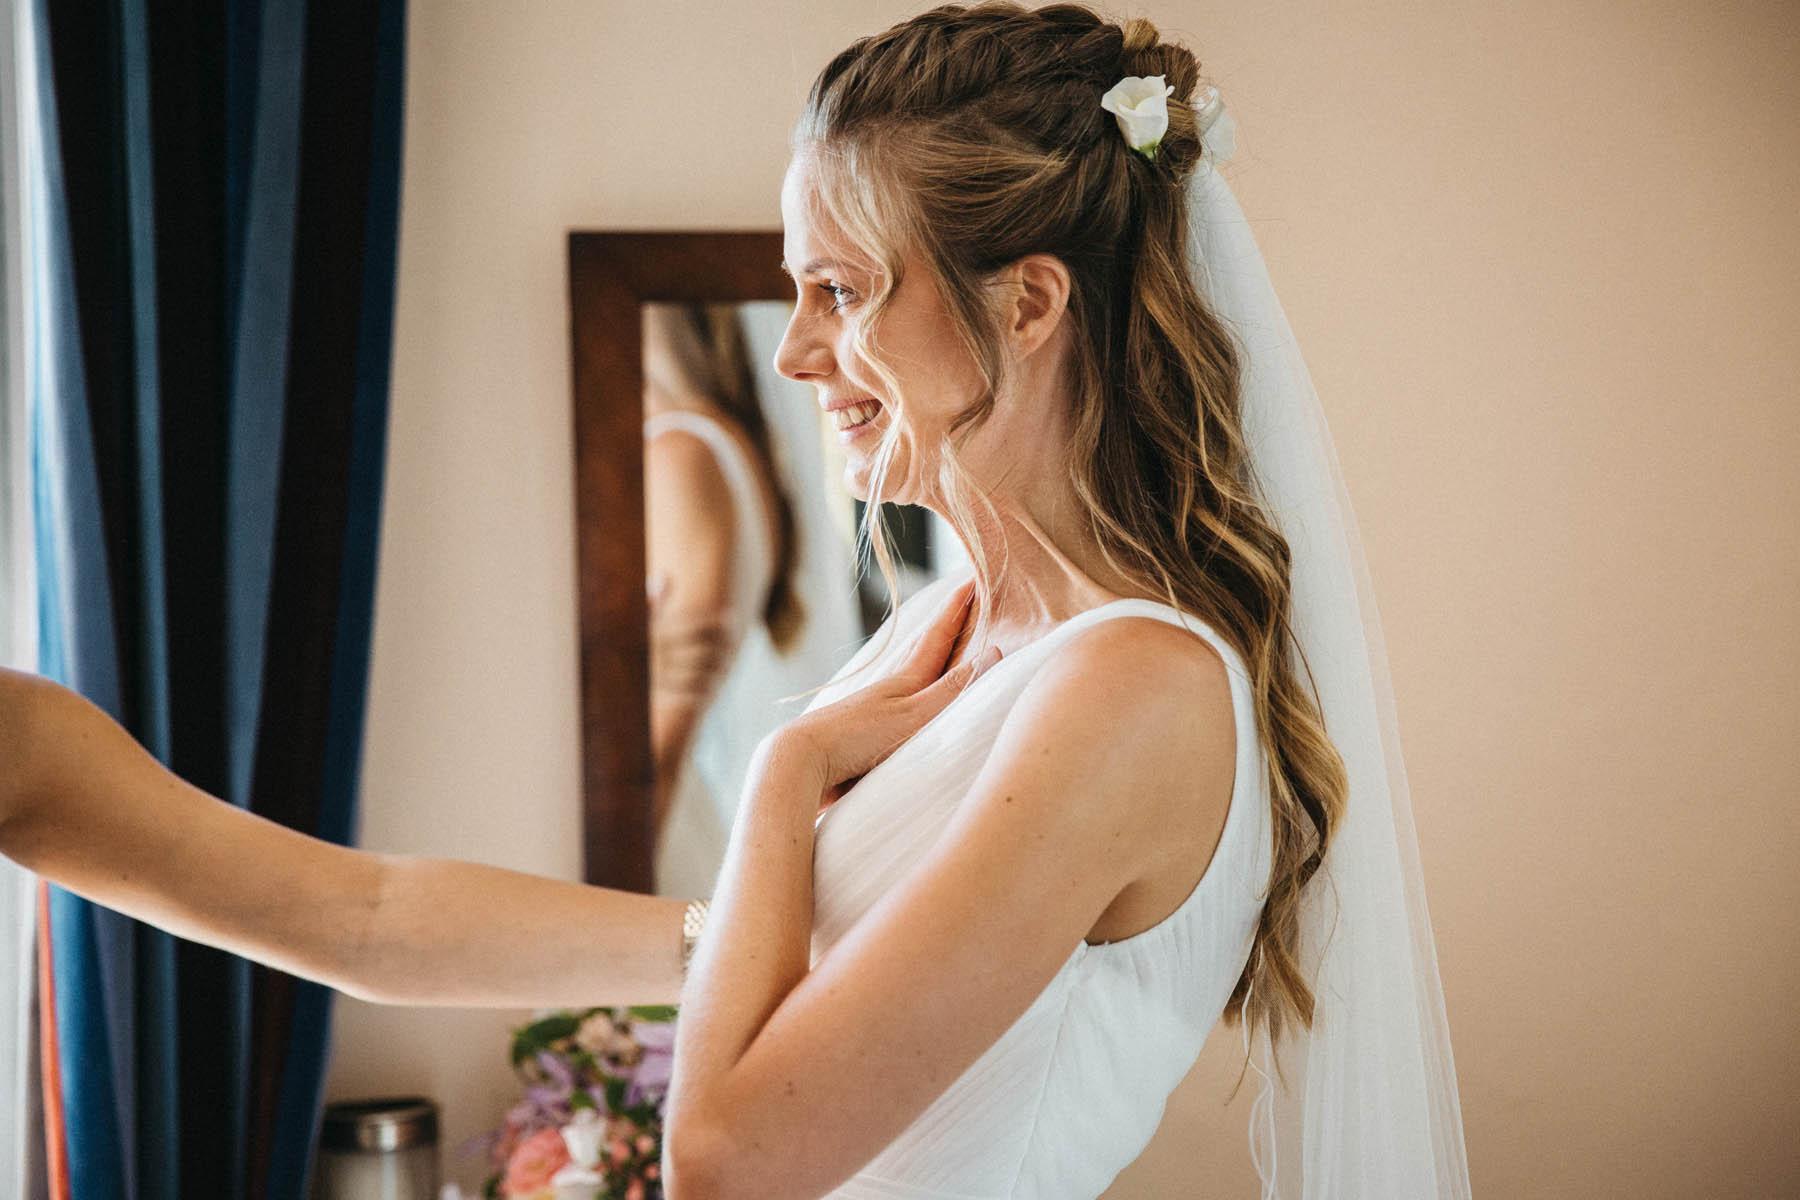 Braut mit Tränen in den Augen beim Getting Ready | Raissa + Simon Fotografie